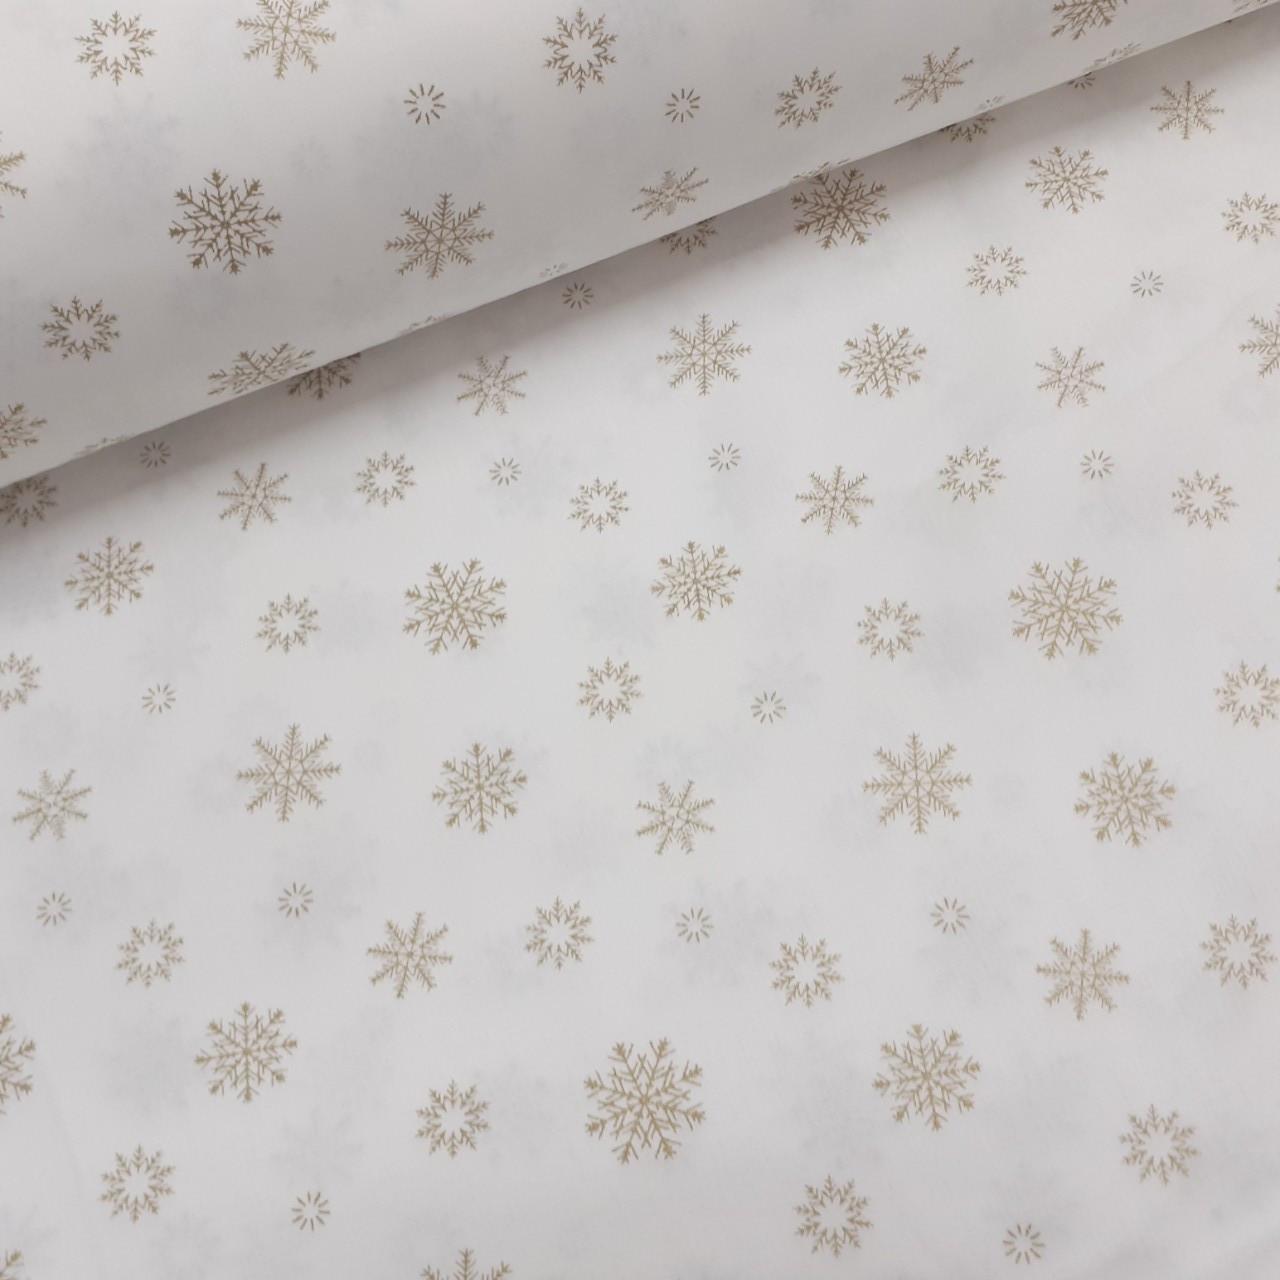 Хлопковая ткань (ТУРЦИЯ шир. 2,4 м) золотые снежинки на белом (глиттер)